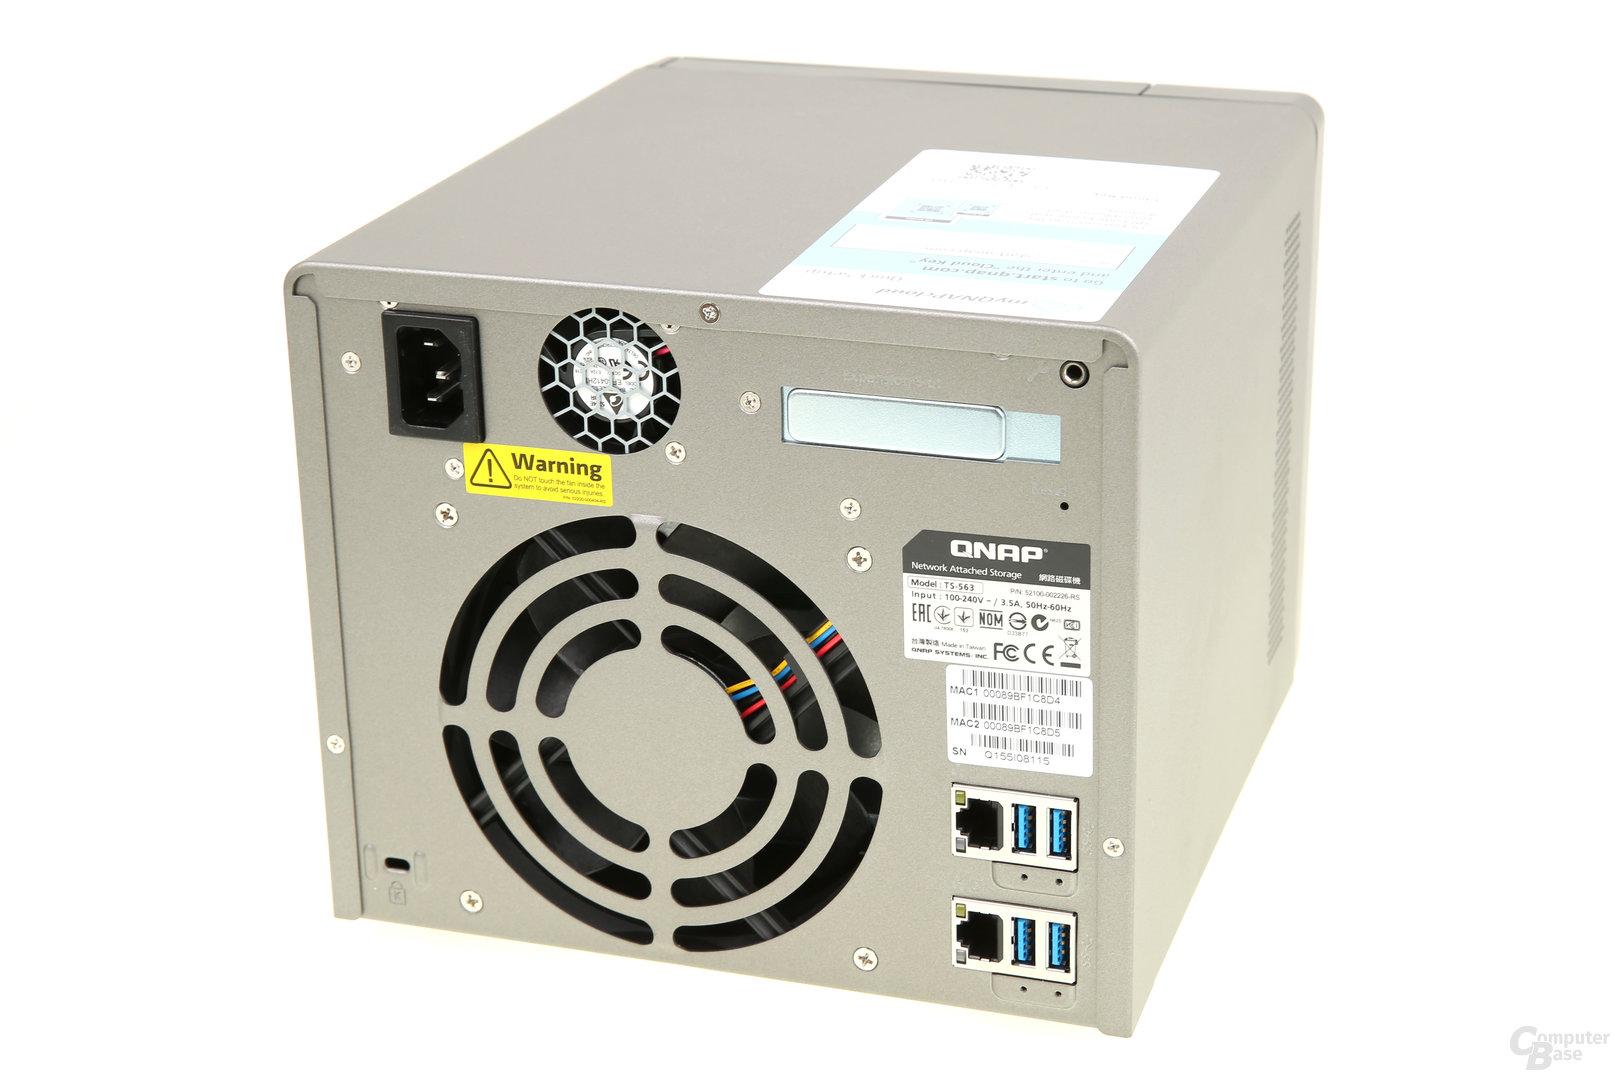 QNAP TS-563 im Test